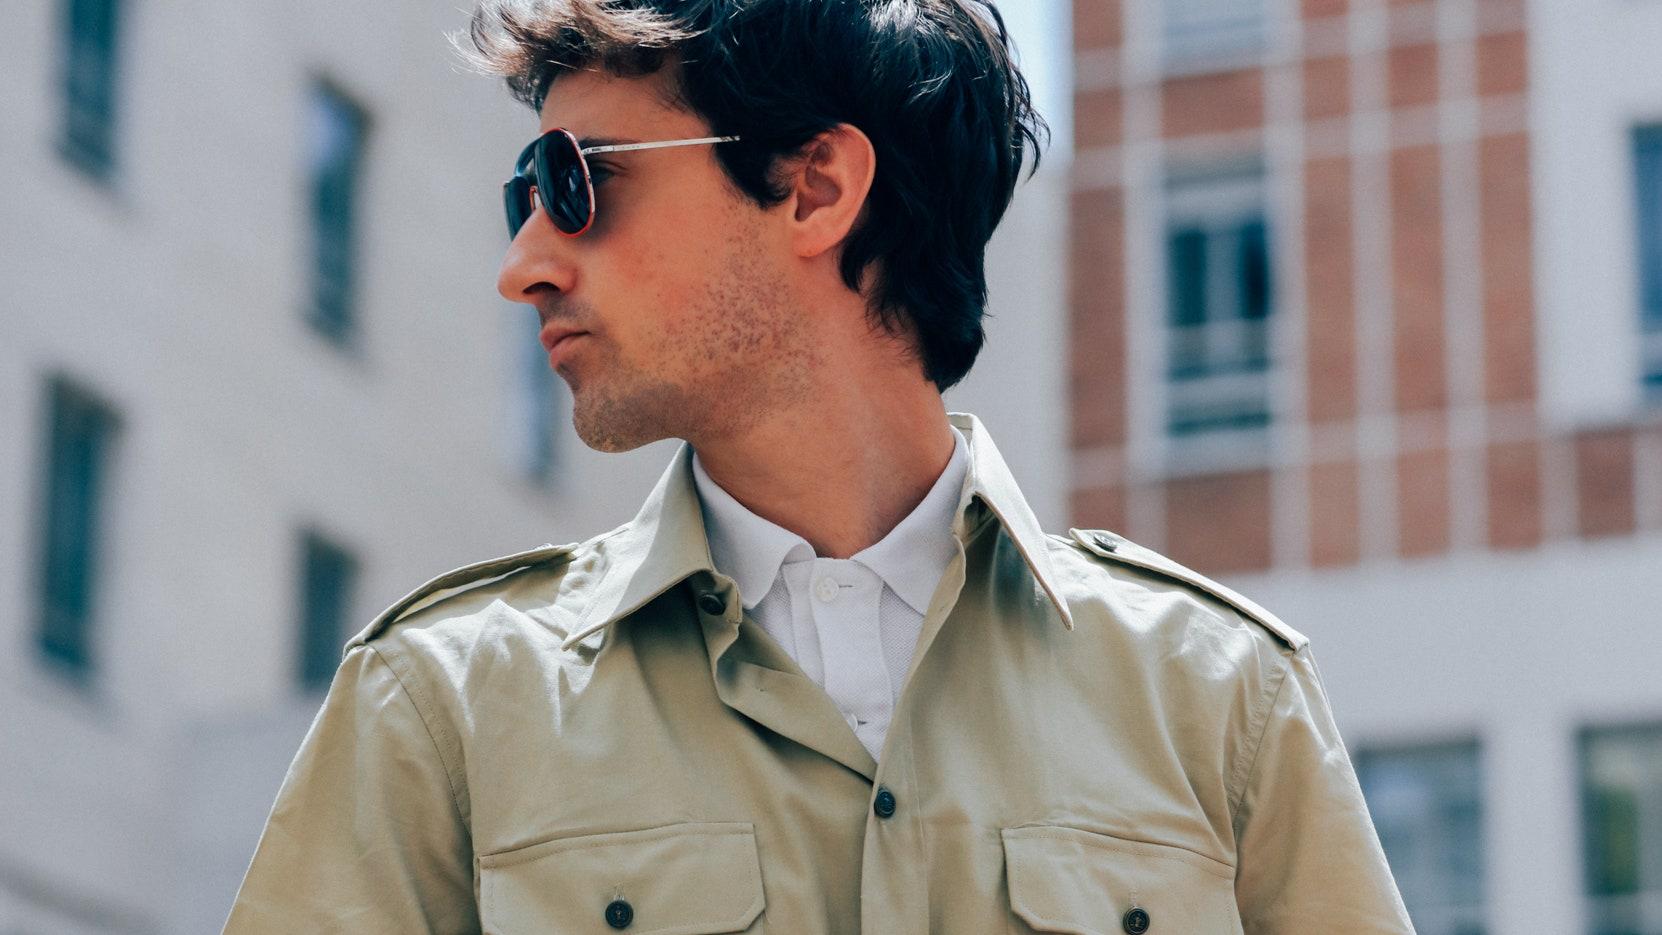 Мужской стиль милитари: главные модные вещи весны 2021